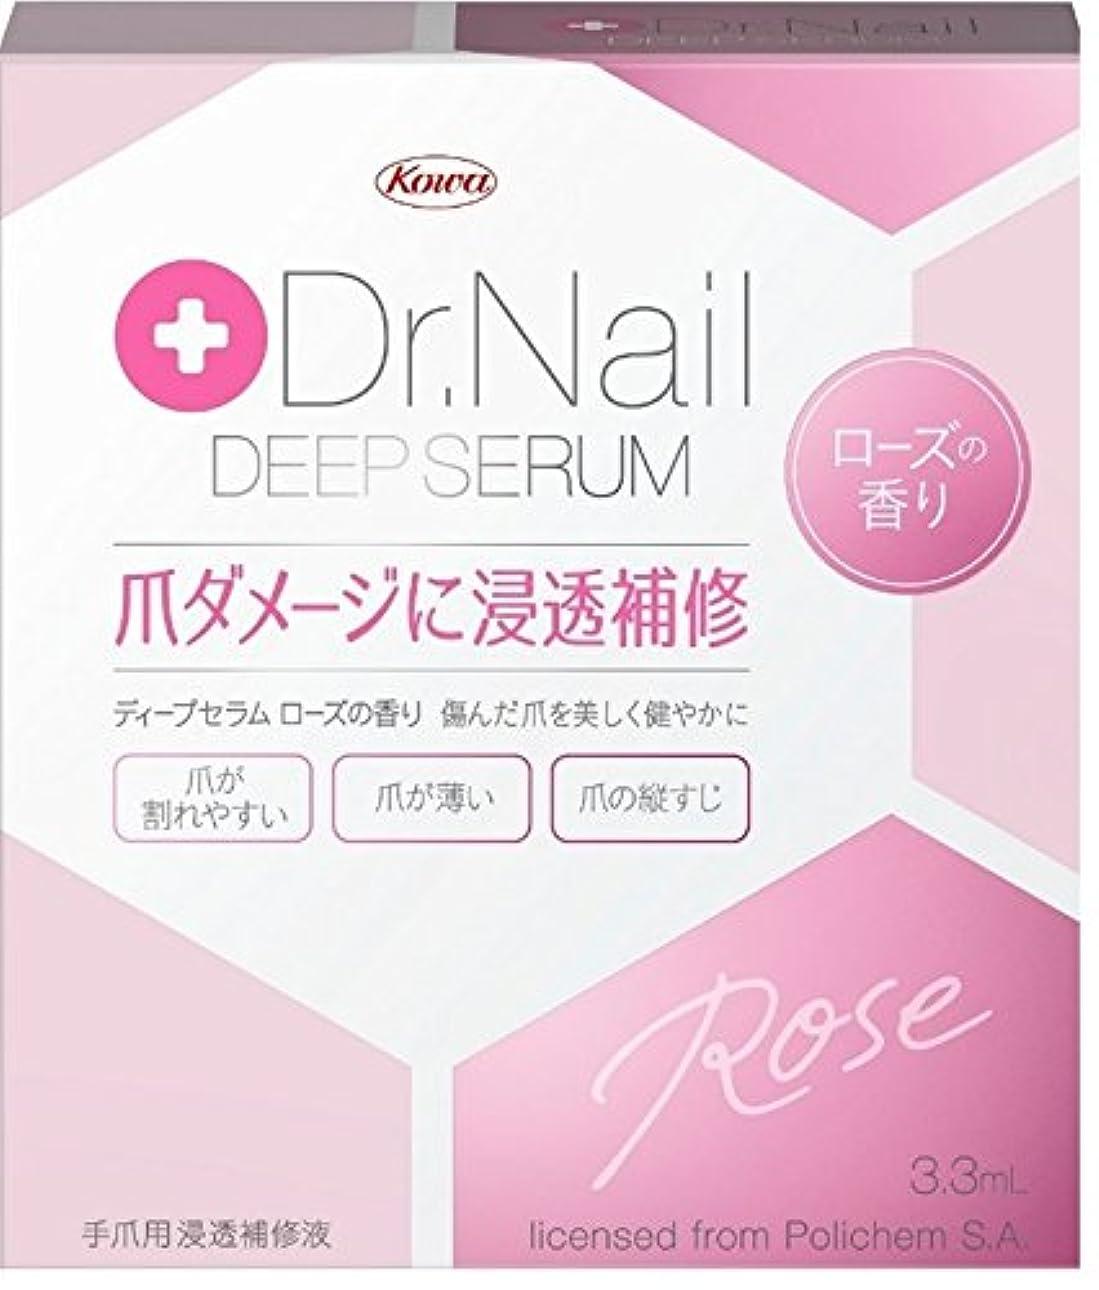 固執寄り添う忌み嫌う興和(コーワ) Dr.Nail DEEP SERUM ドクターネイル ディープセラム 3.3ml ローズの香り